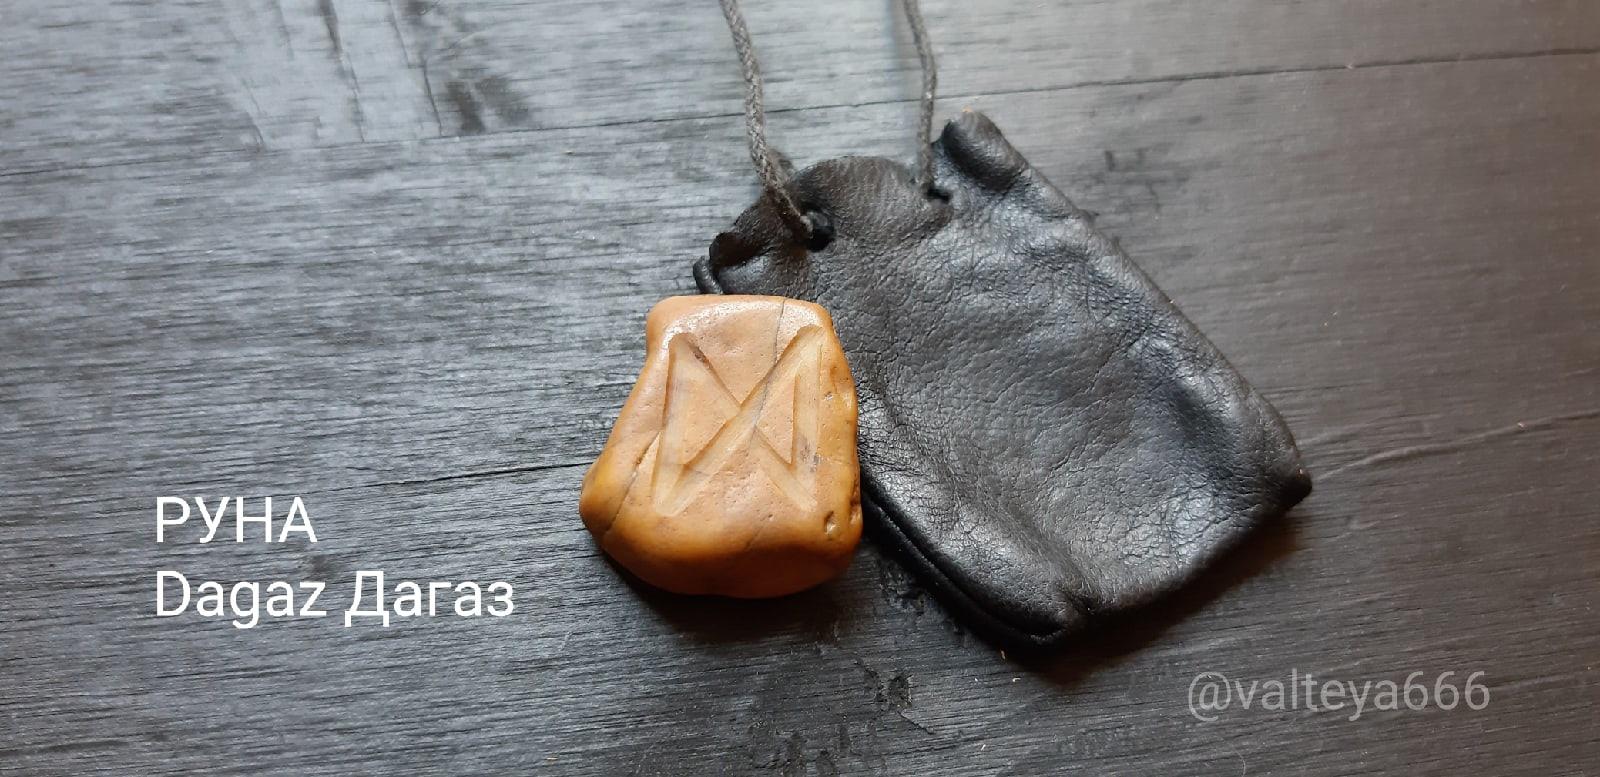 Рунические амулеты, талисманы ( камень ) с магическими программами.  YkJ8D3iu4qI